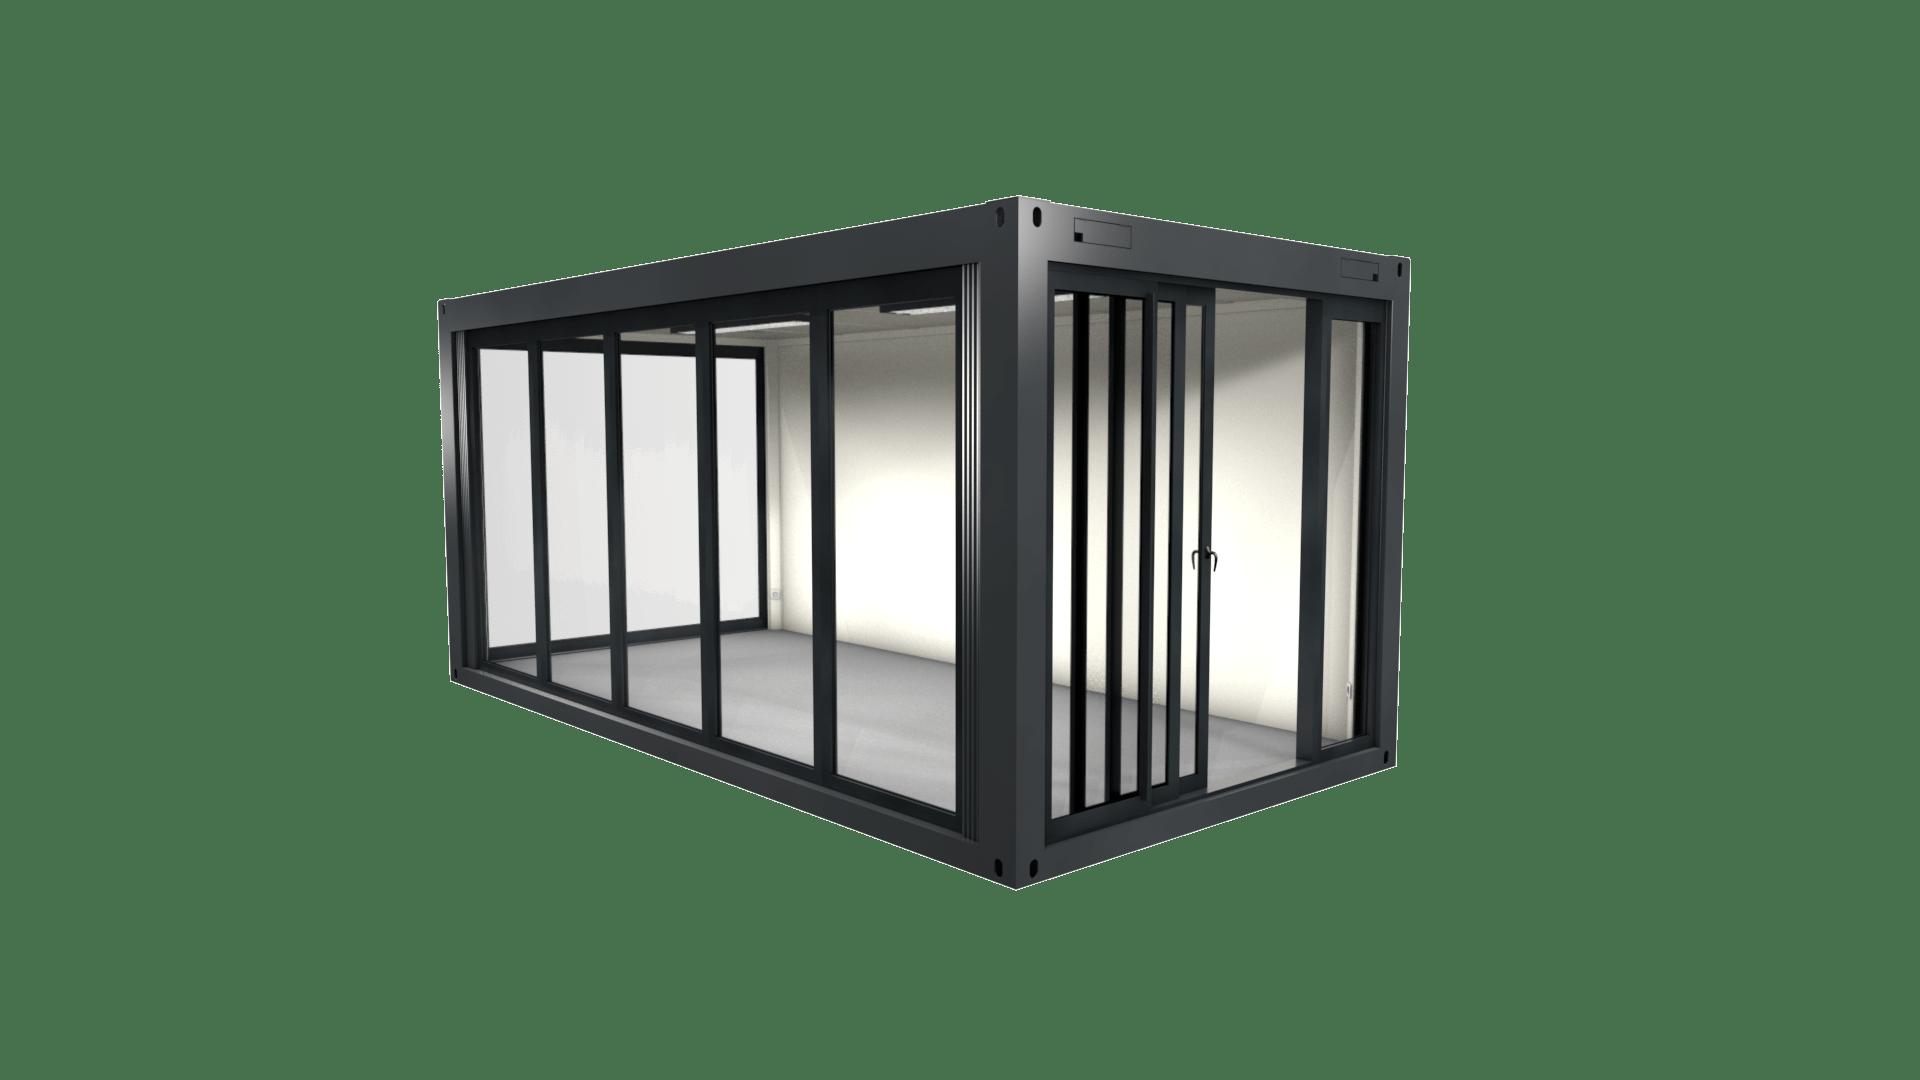 Container Modul 4 mit Glasfront und Panorama Fenster